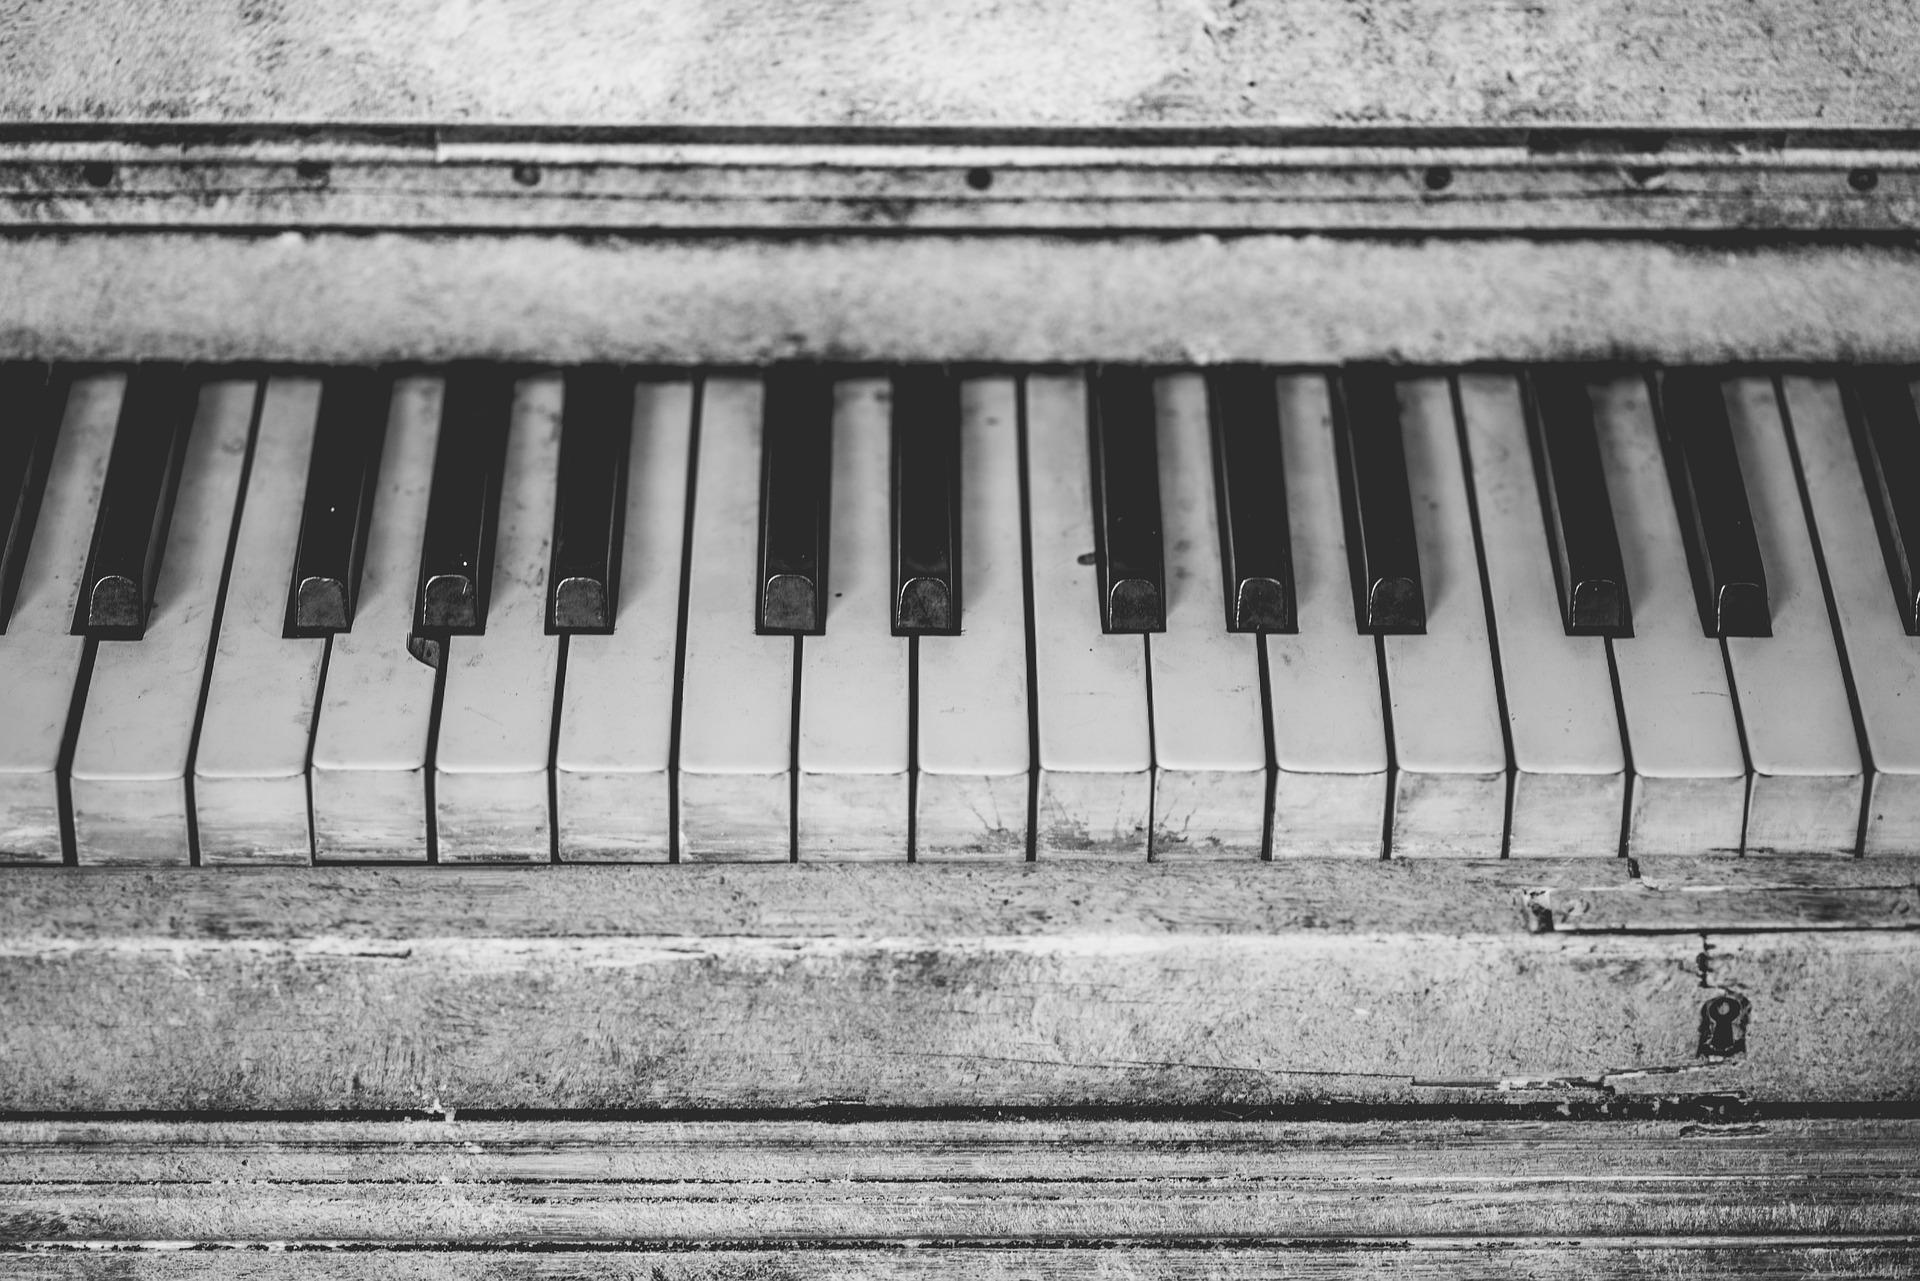 Comment apprendre à jouer du piano facilement ?